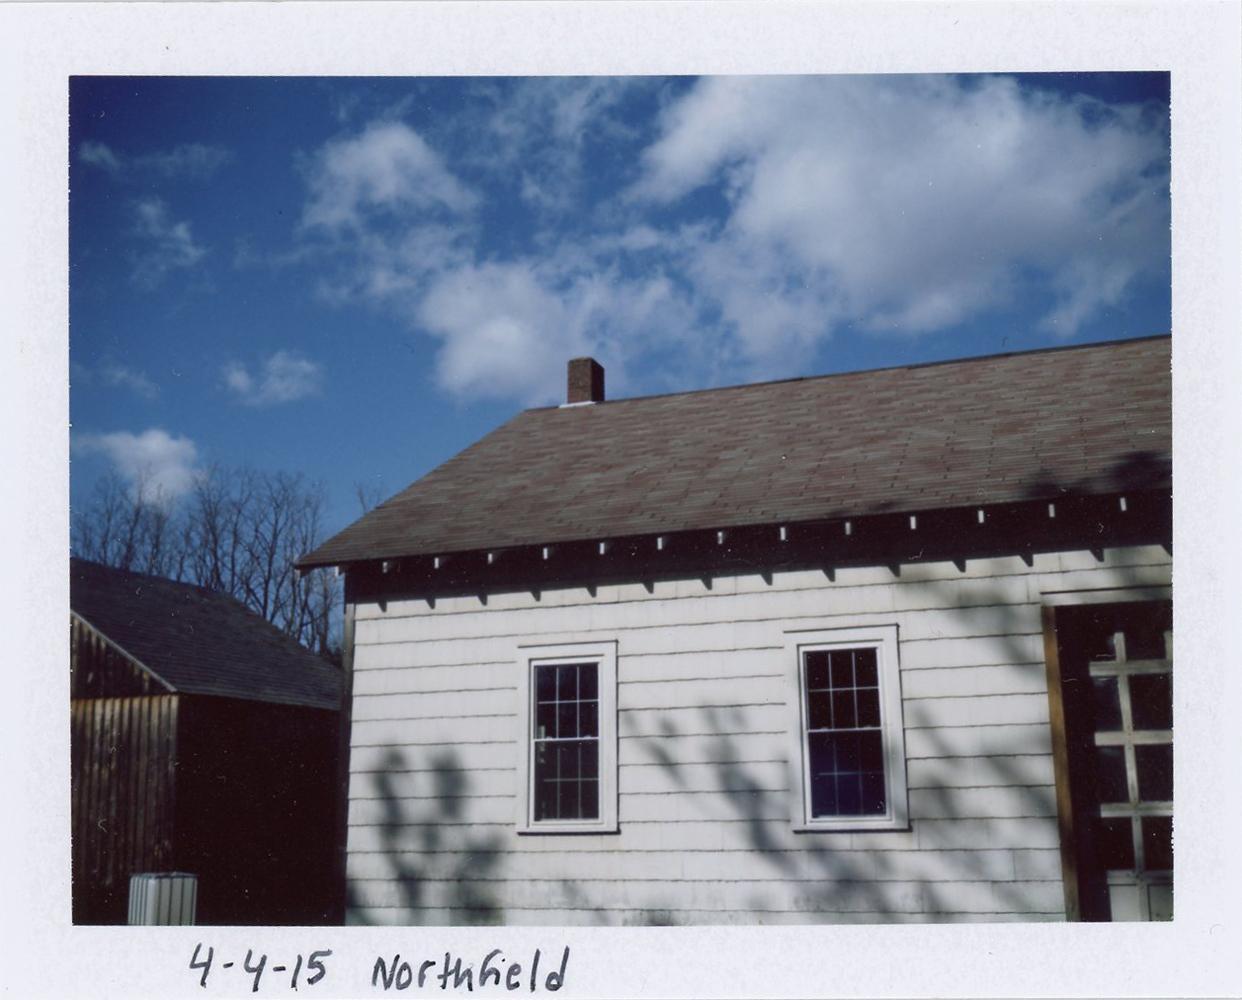 Northfield, 2015